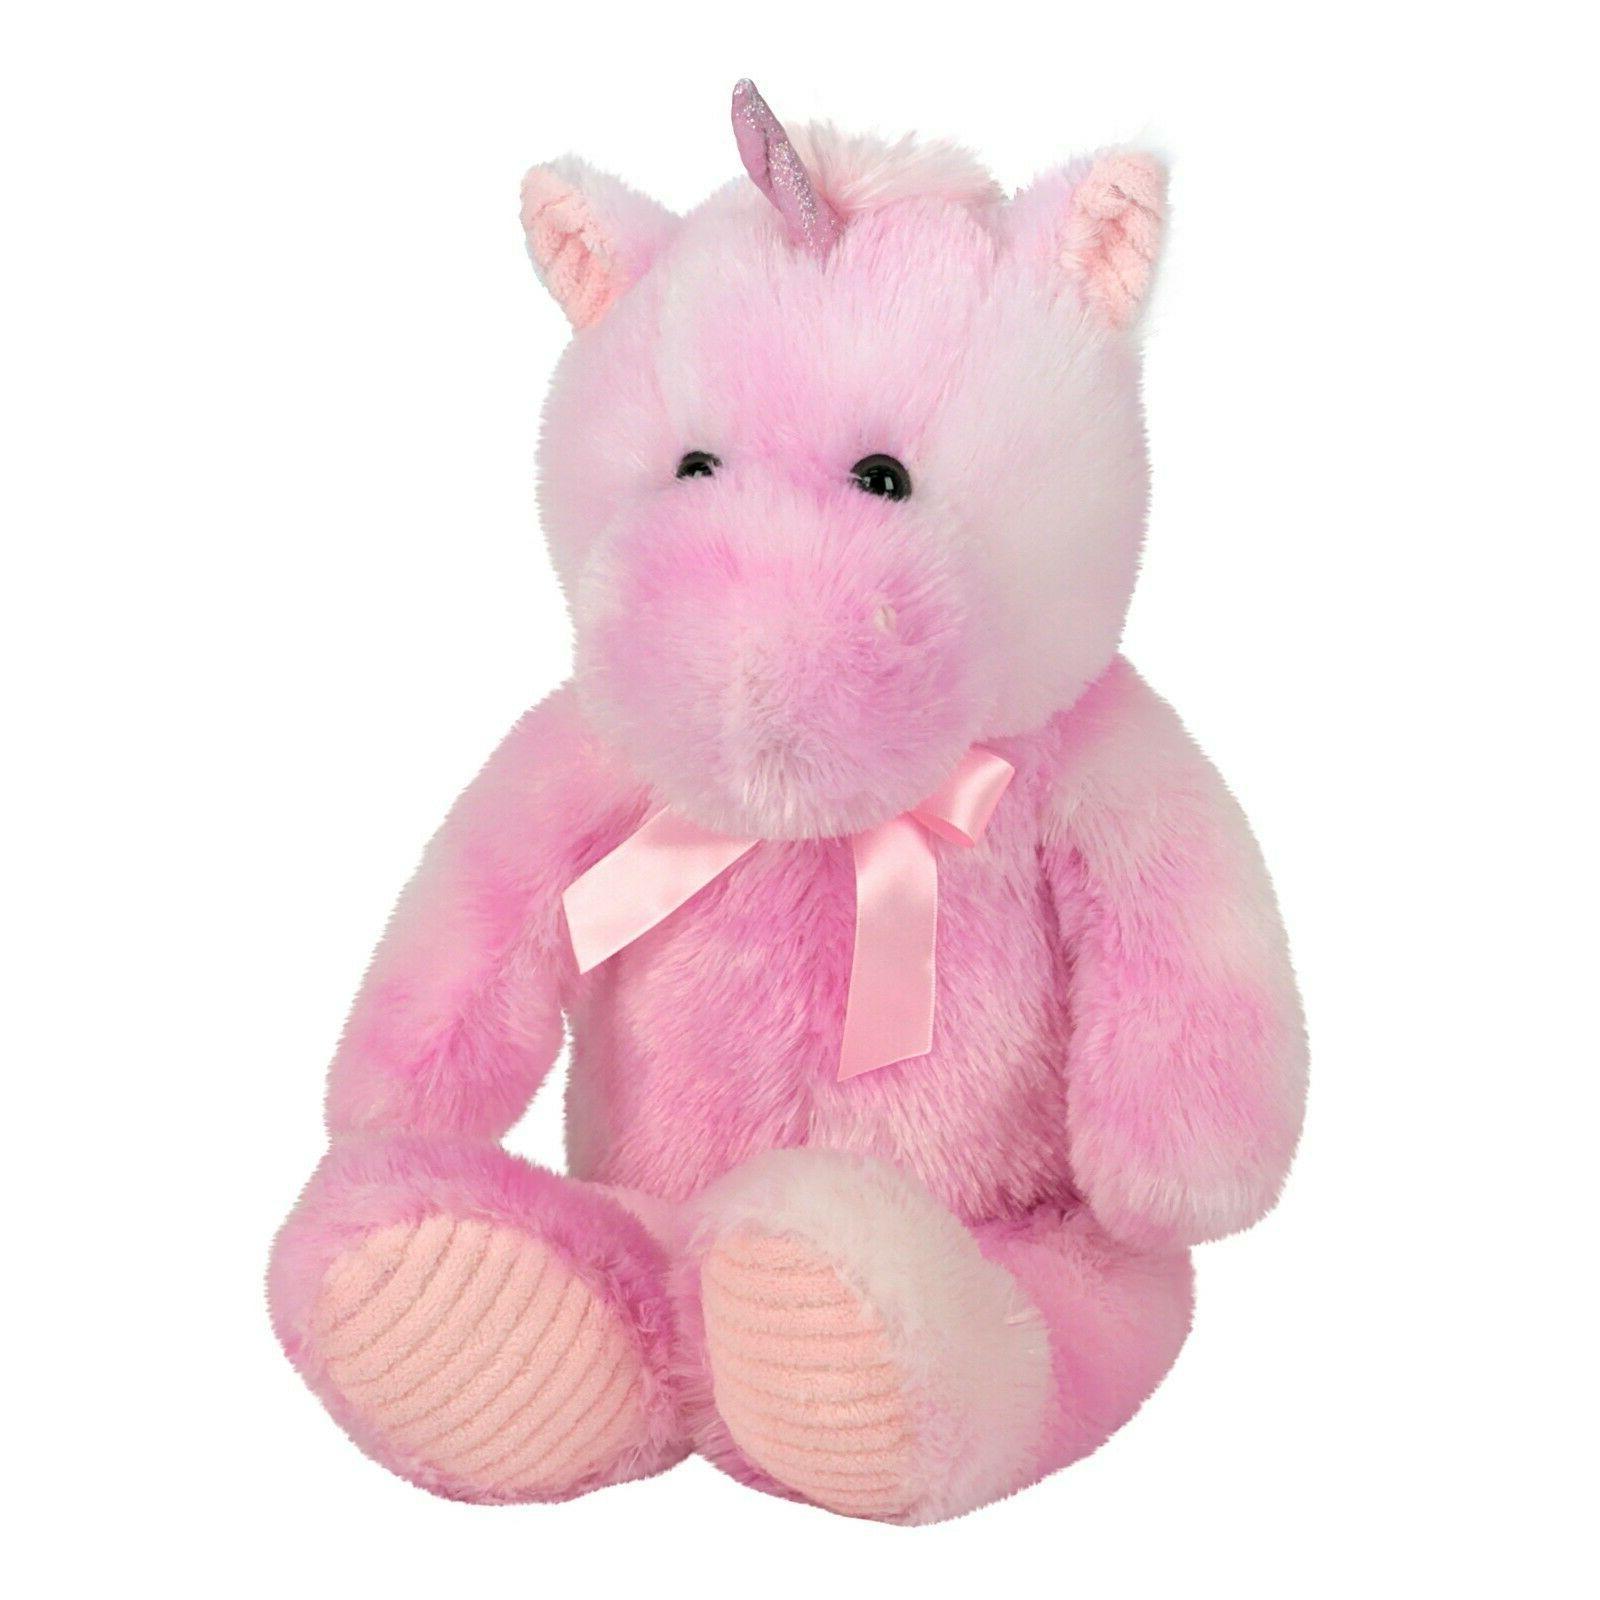 large unicorn plush stuffed animal floppy pink